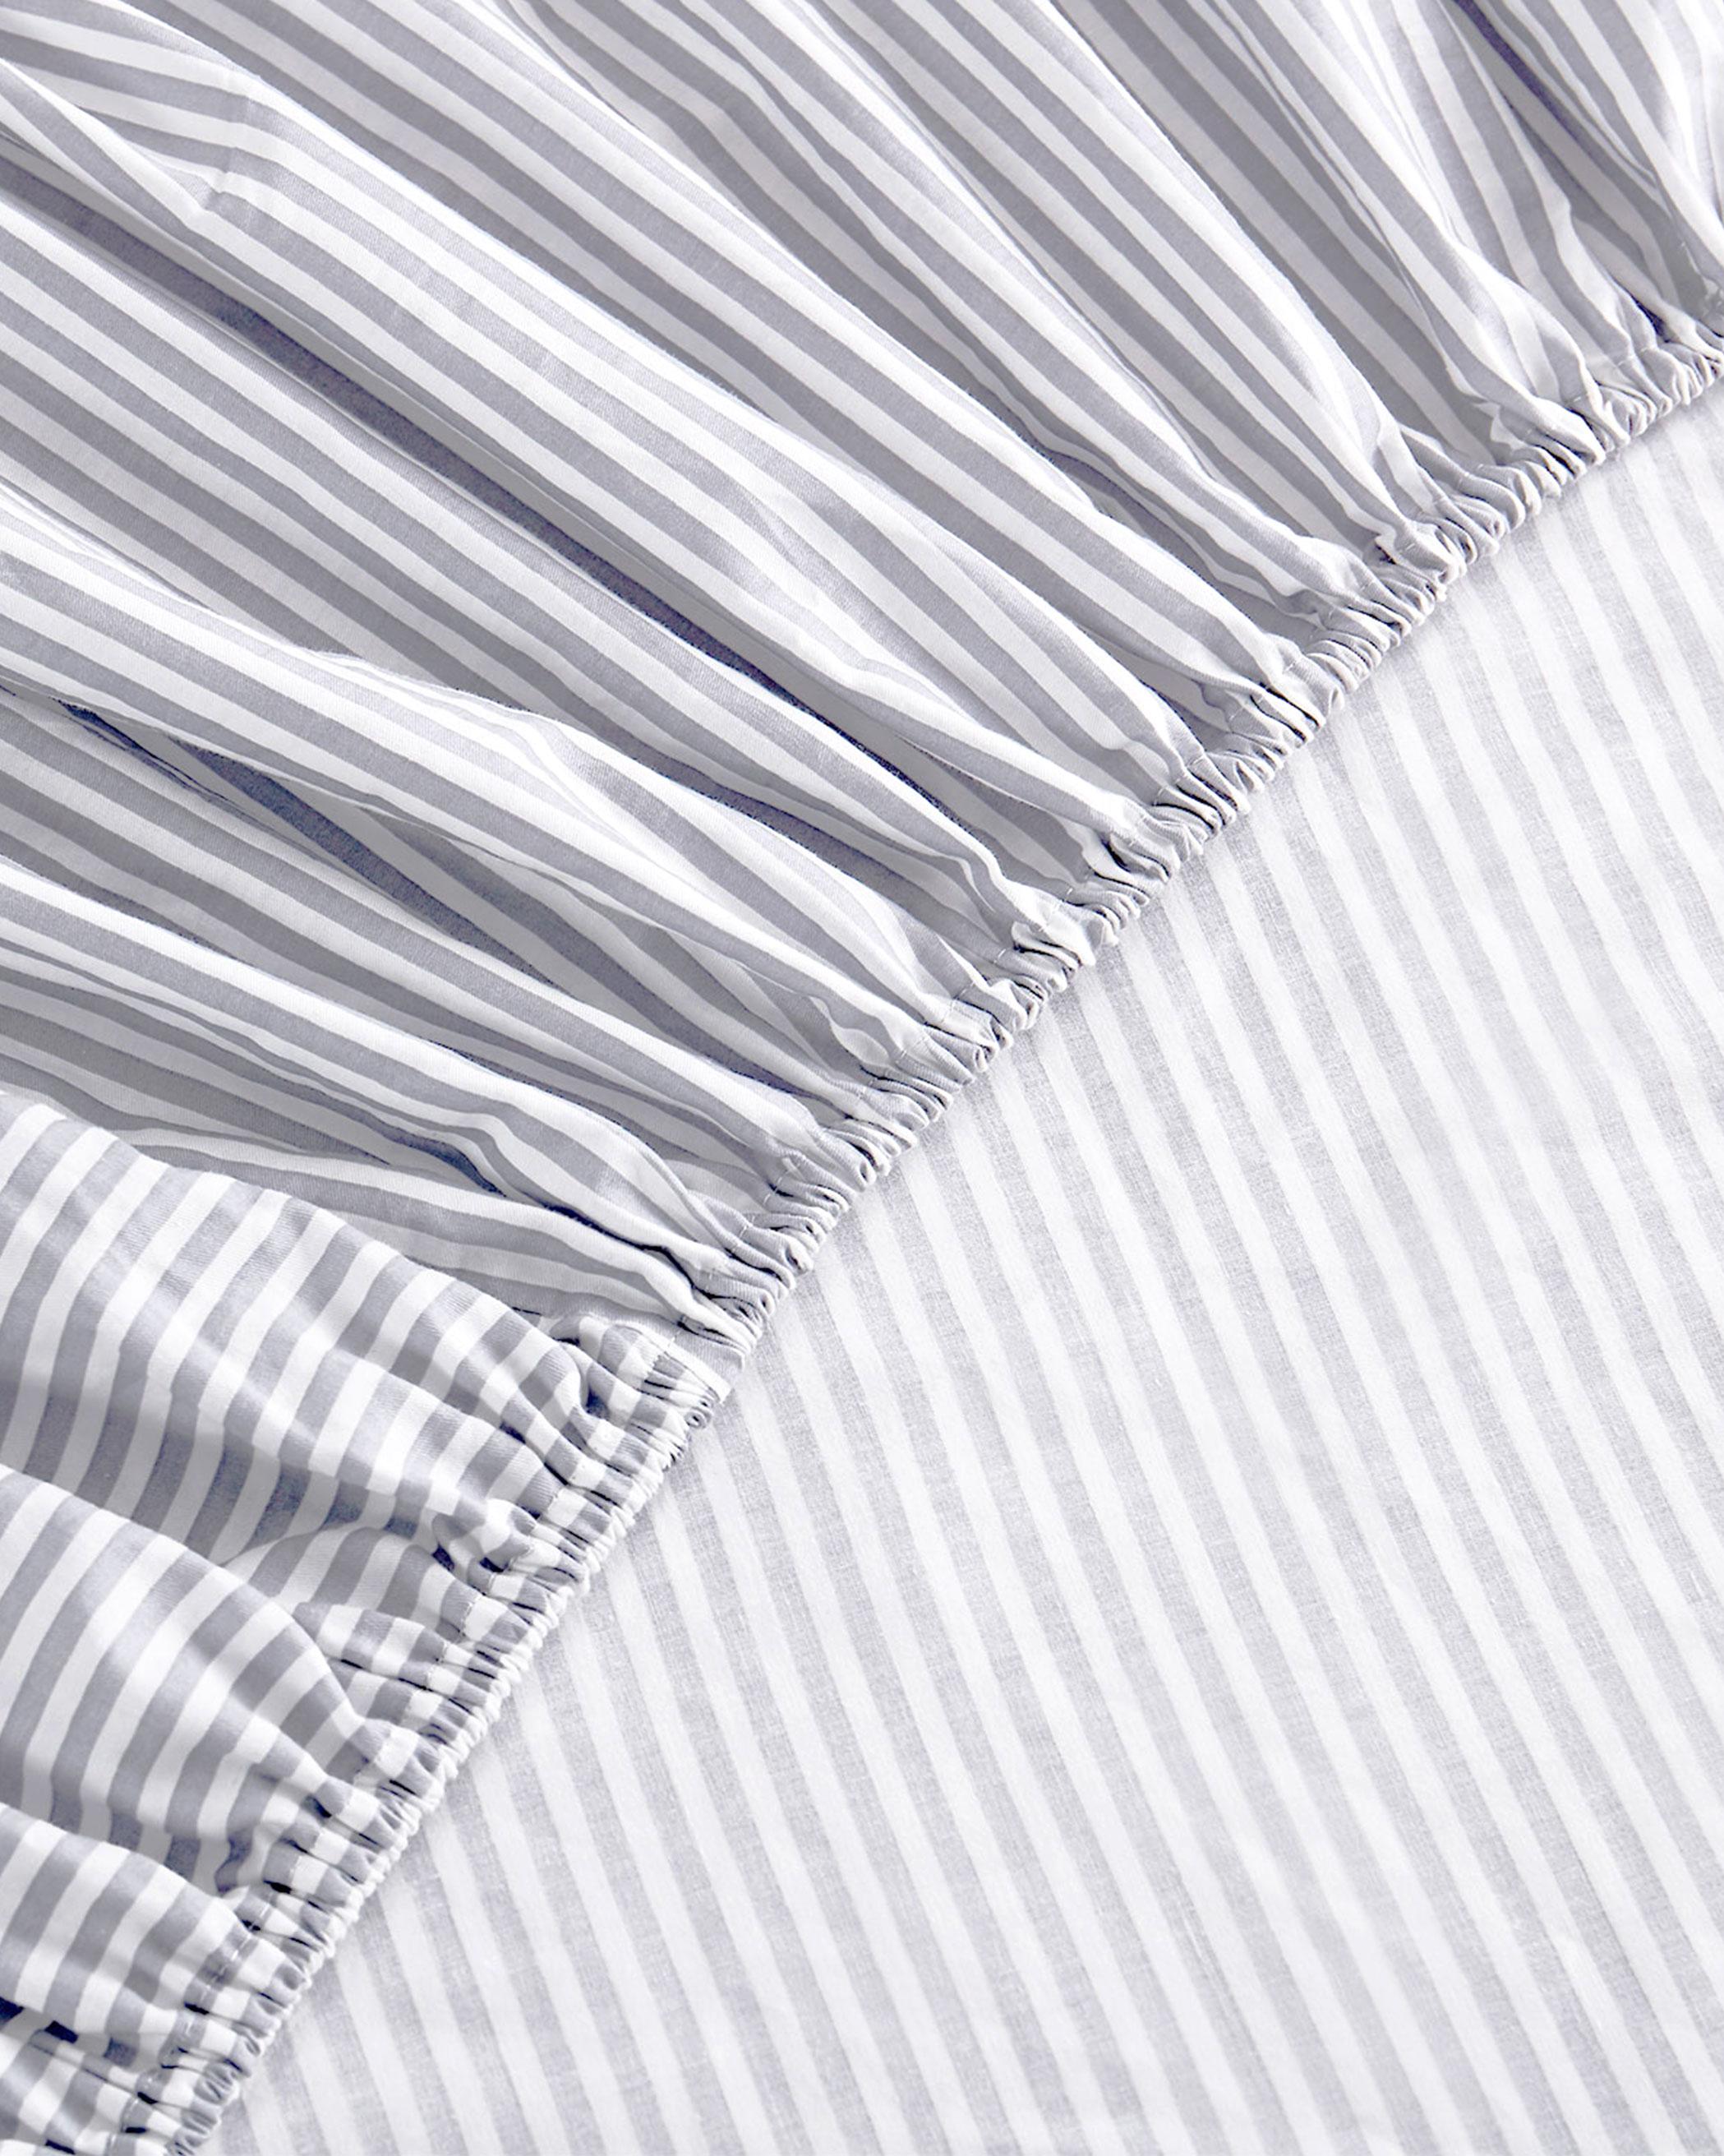 Gray Striped Cotton Sheet Set